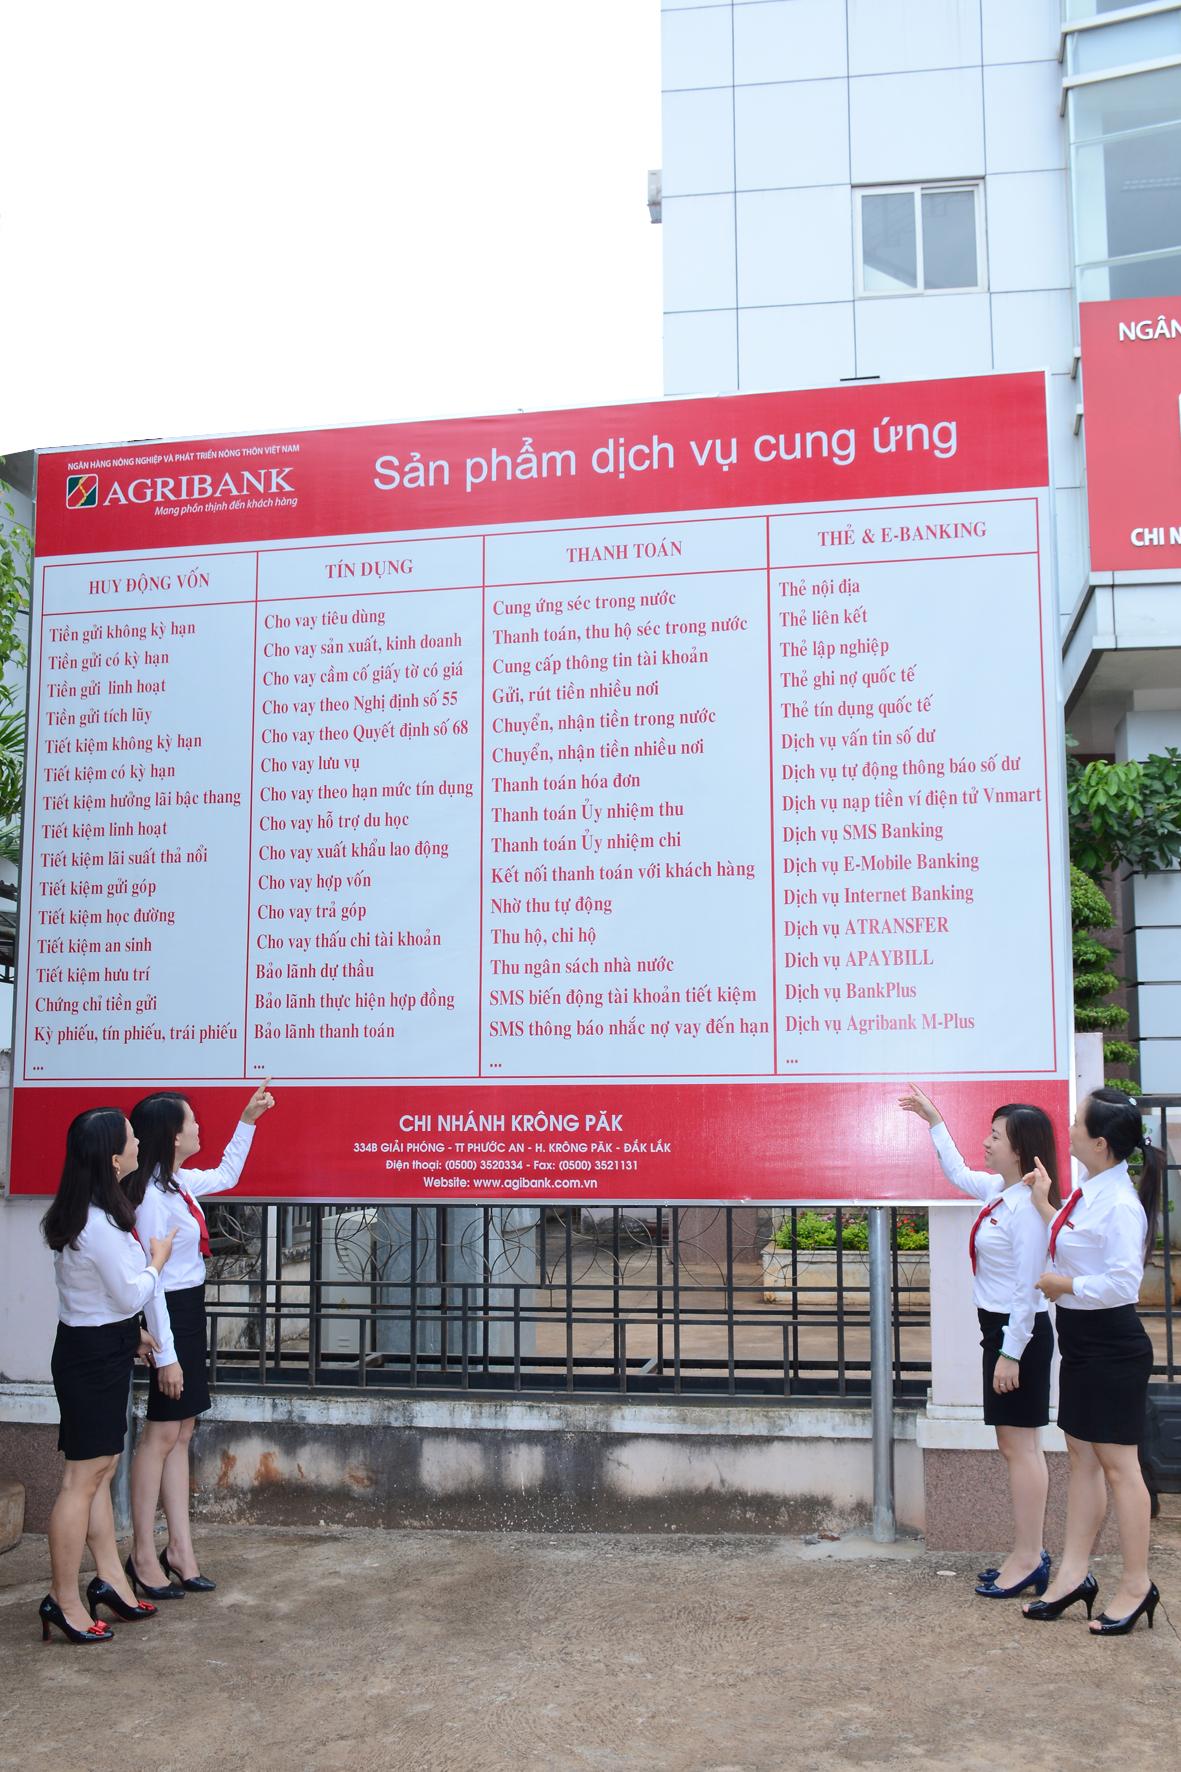 Agribank Đắk Lắk: Nỗ lực cung ứng dịch vụ hiện đại đến khu vực nông thôn